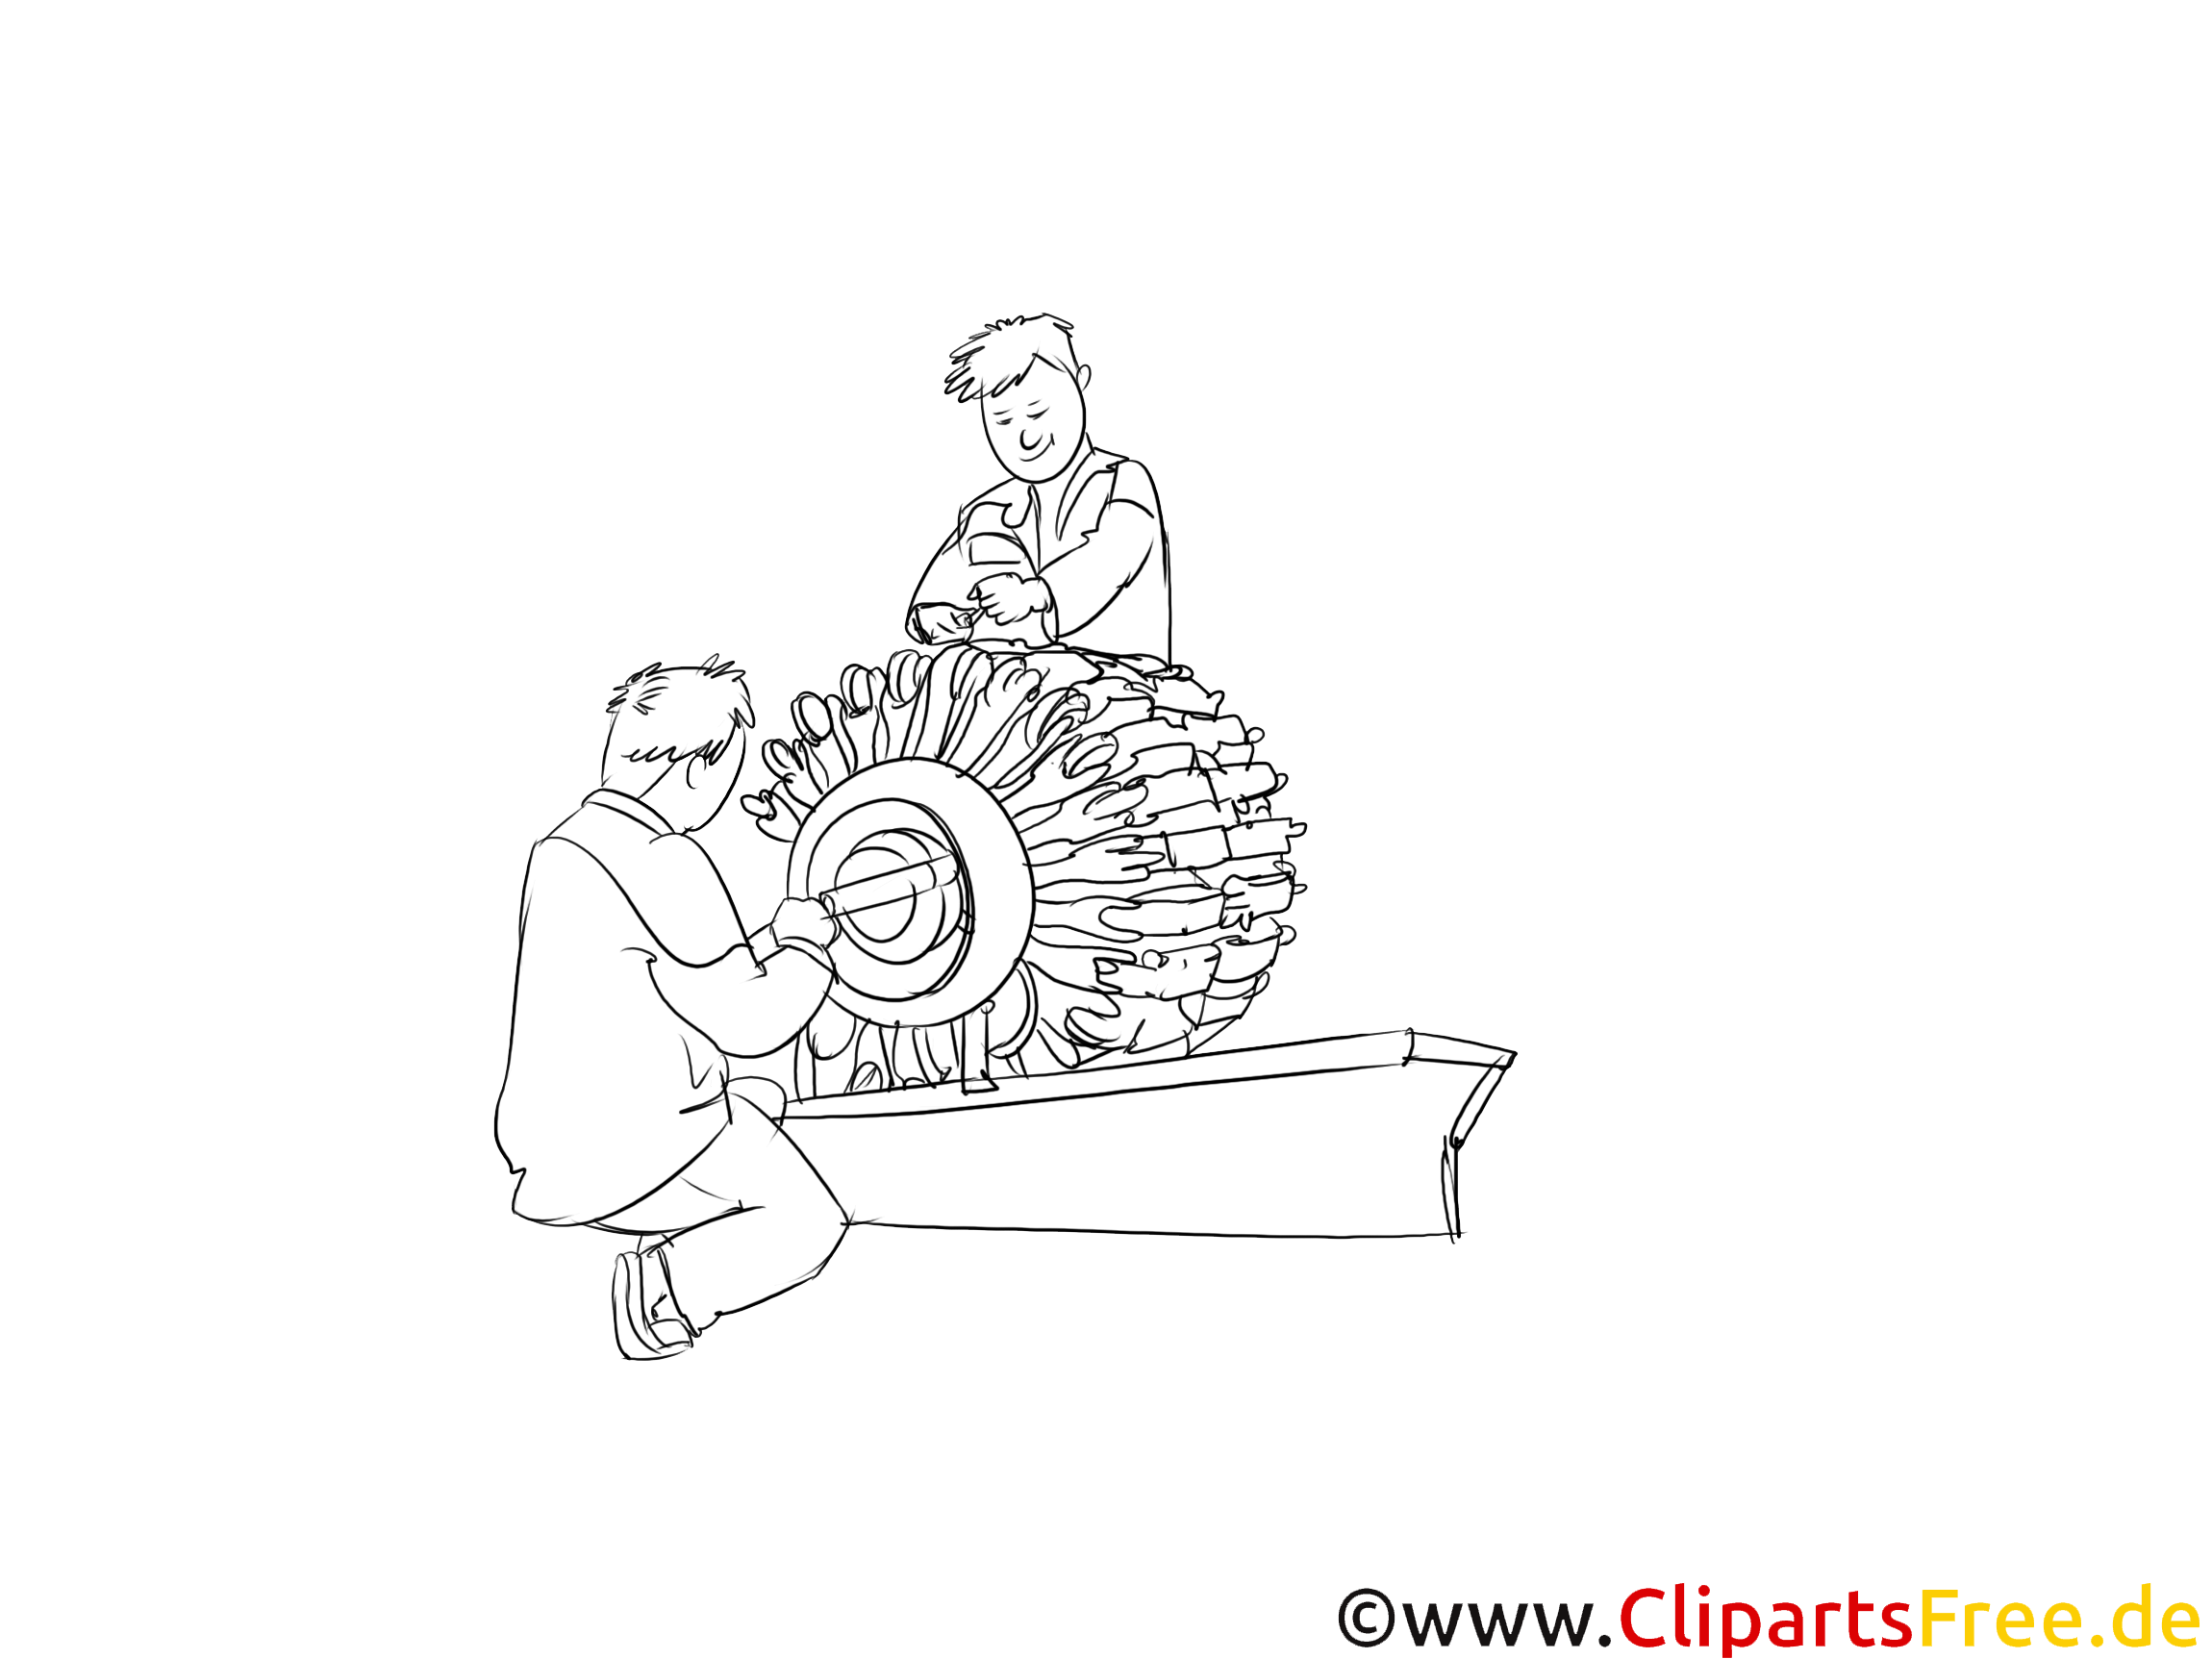 Maschinen- und Anlagenführer Clipart, Bild, Illustration schwarz-weiß